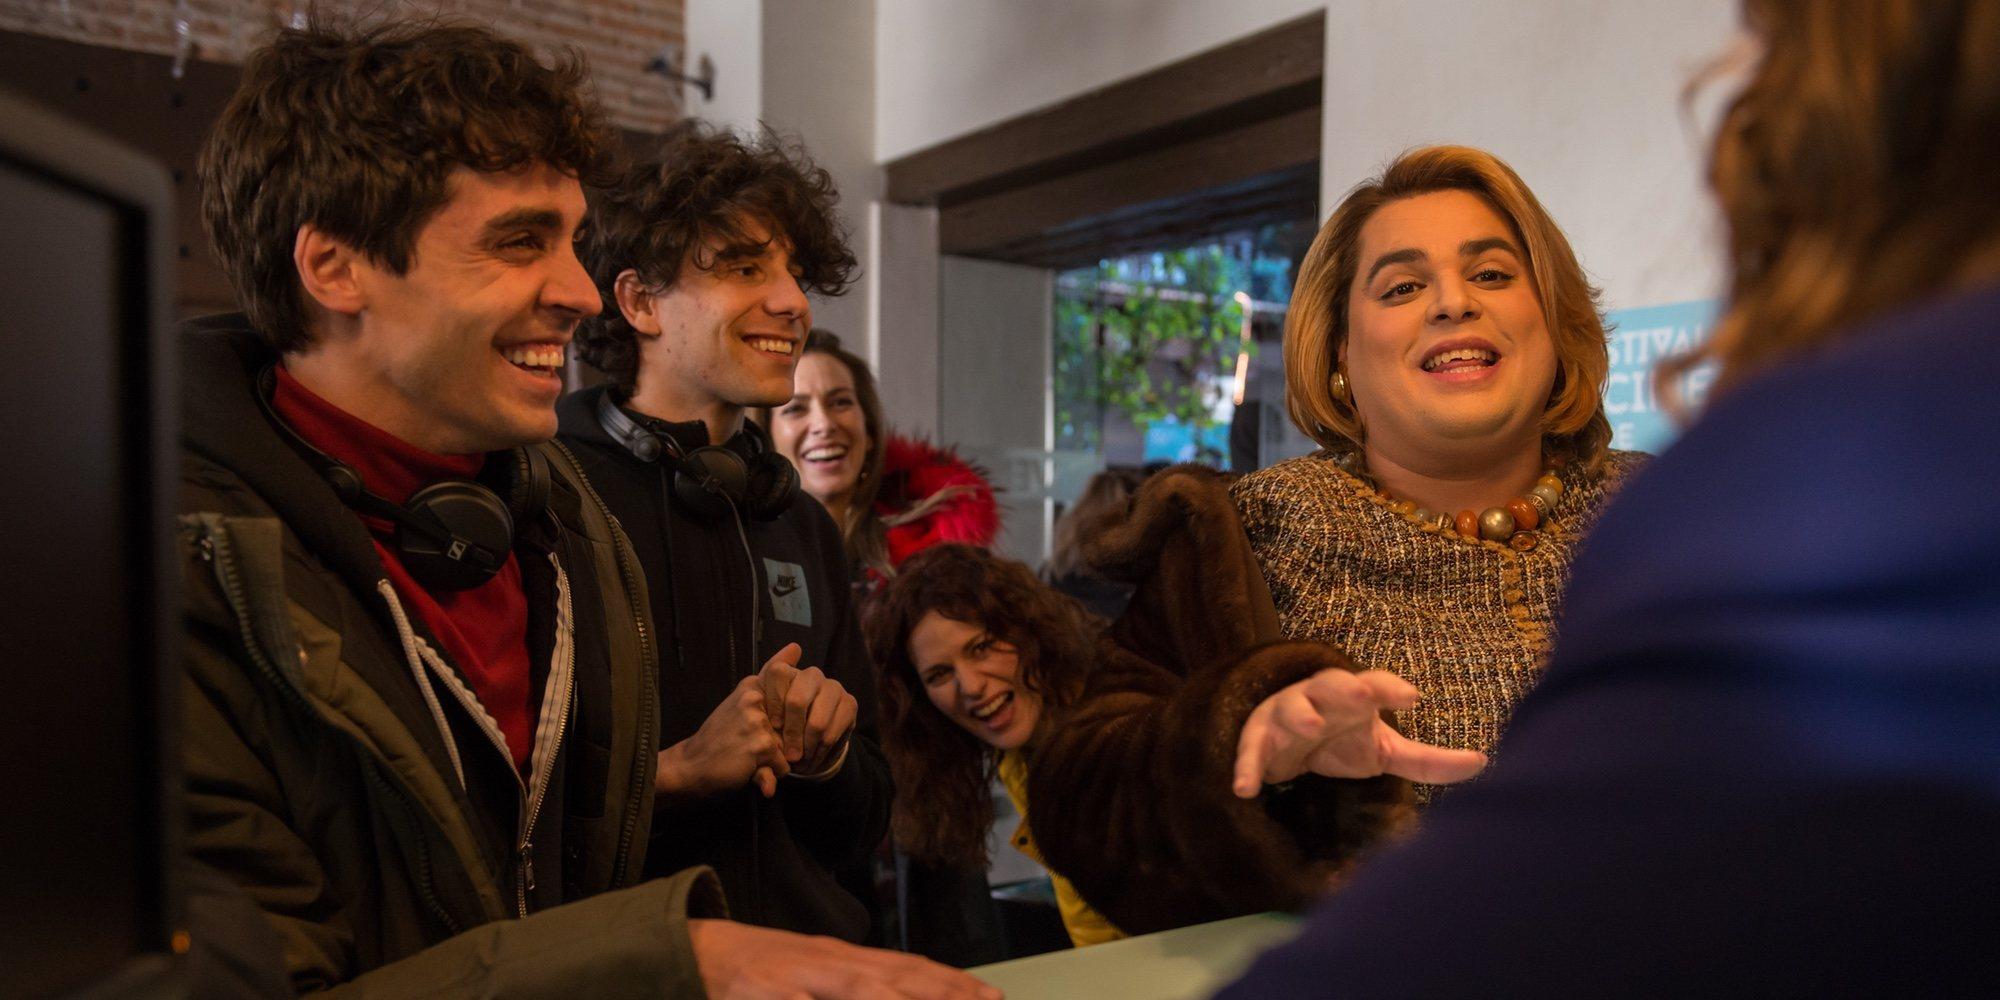 Primeras imágenes de la segunda temporada de 'Paquita Salas' con Brays Efe y Lidia San José